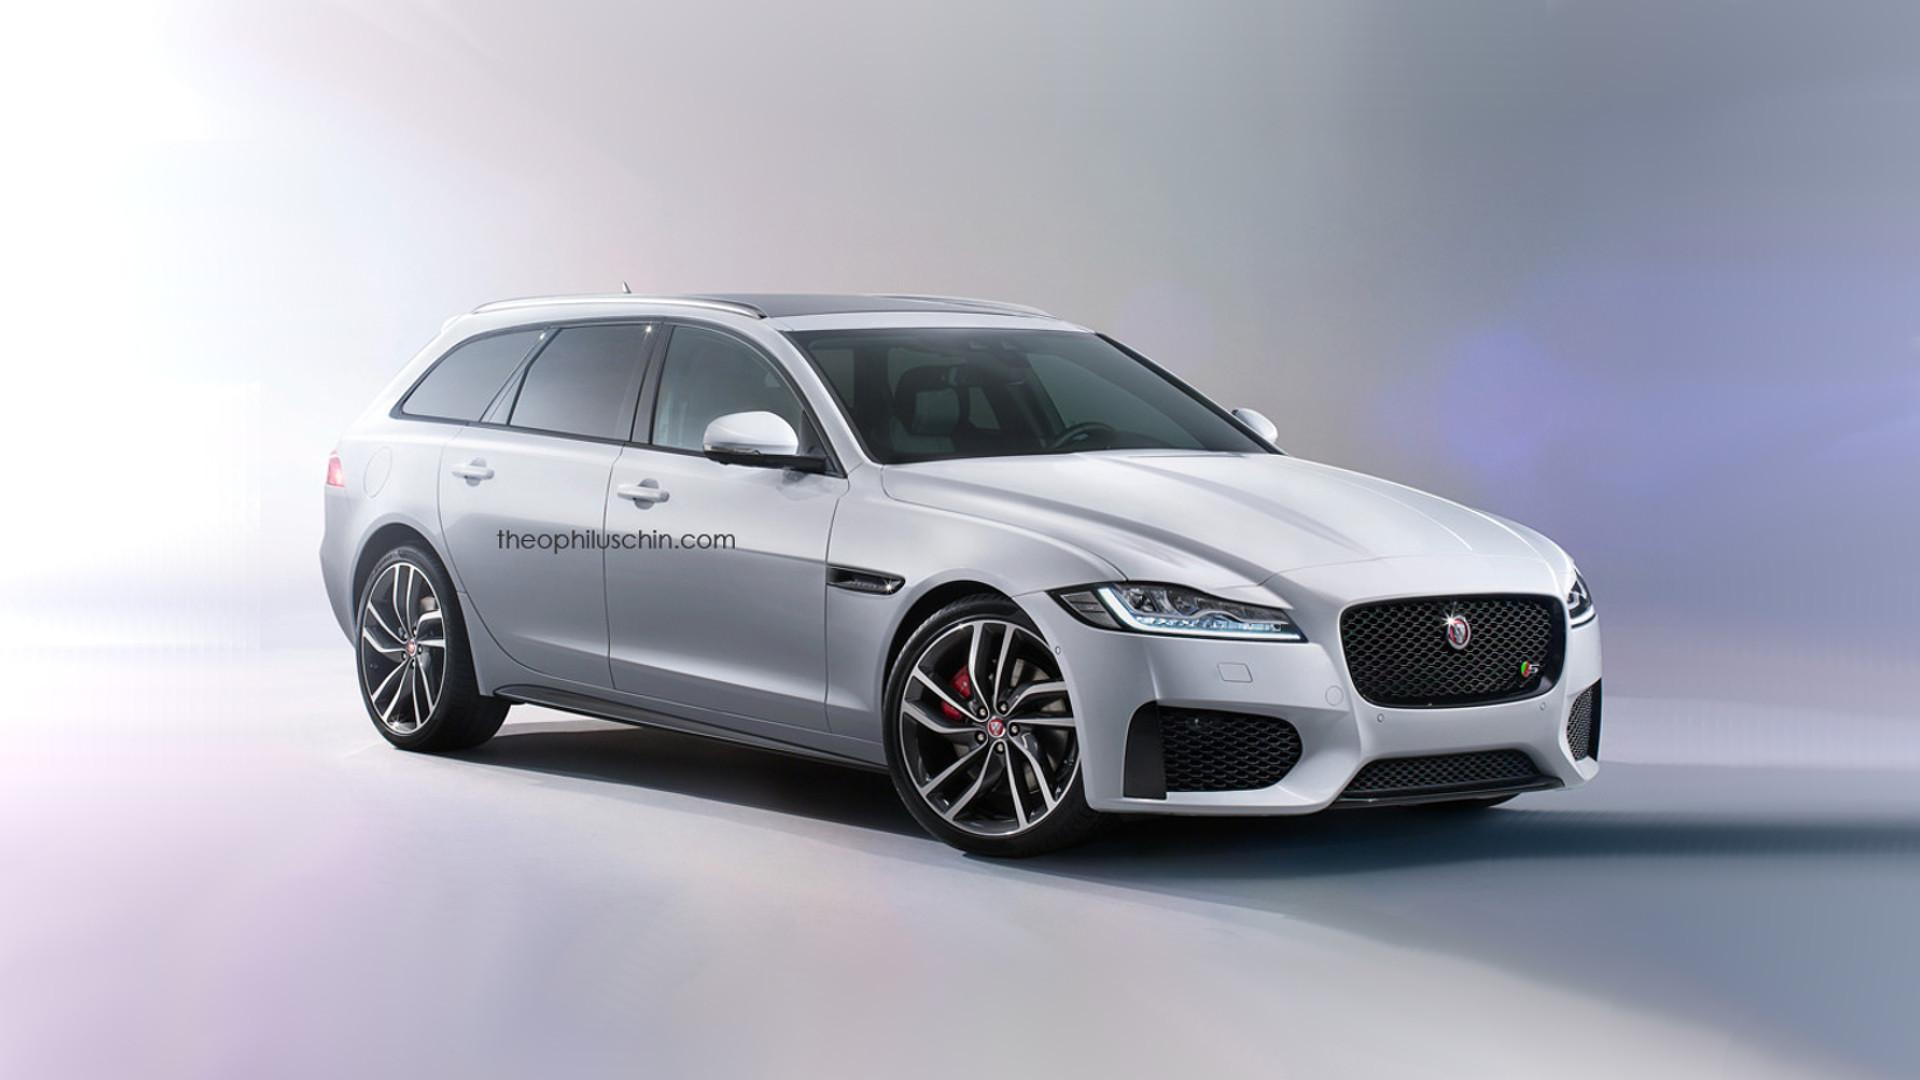 la nouvelle jaguar xf sportbrake confirm e pour 2017